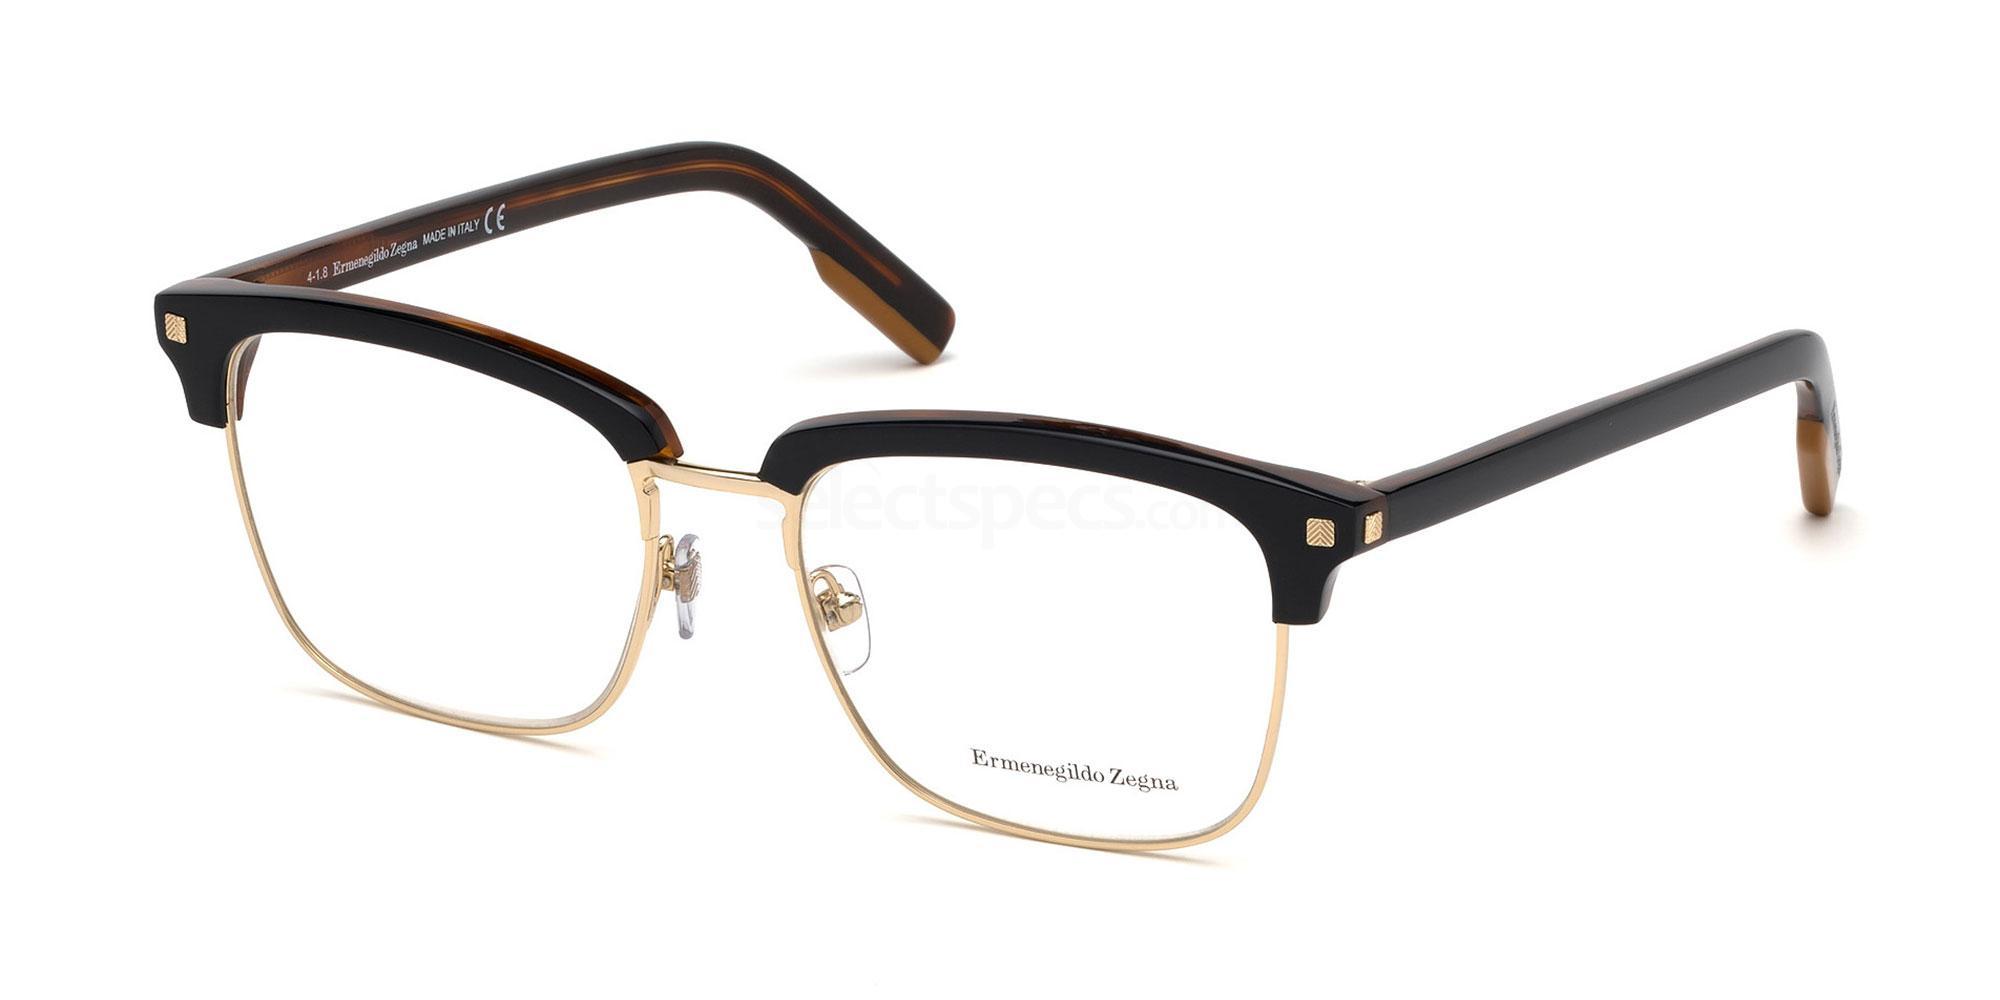 005 EZ5139 Glasses, Ermenegildo Zegna